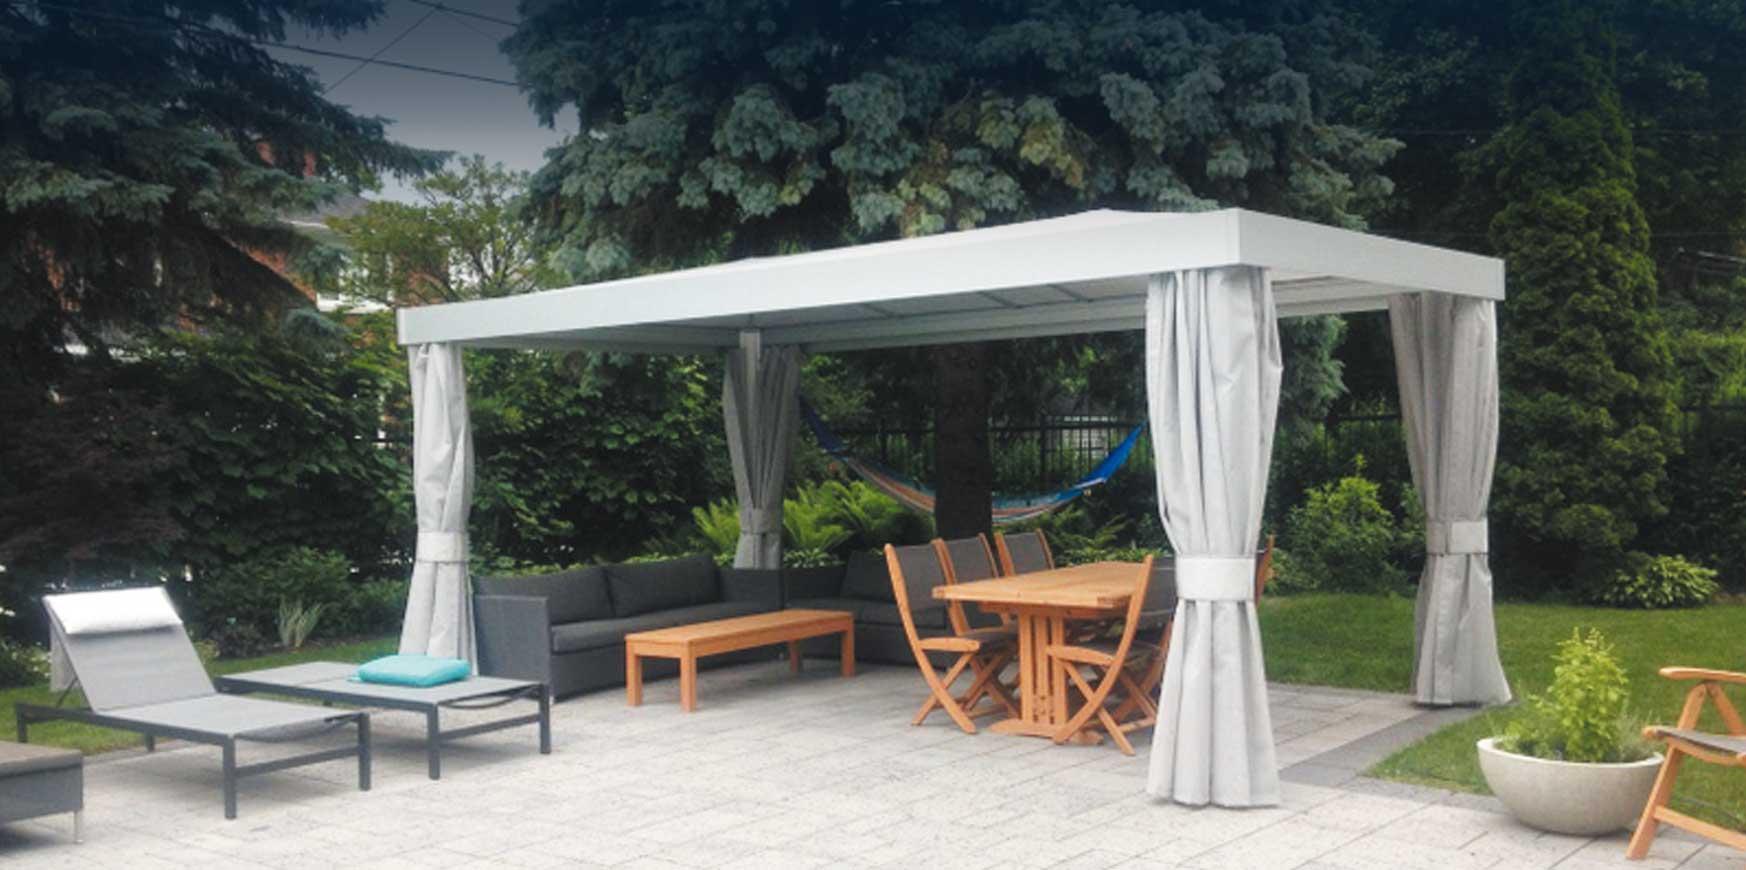 Installation Jm: Spécialiste Auvent Et Abri De Jardin intérieur Abri De Jardin Toile